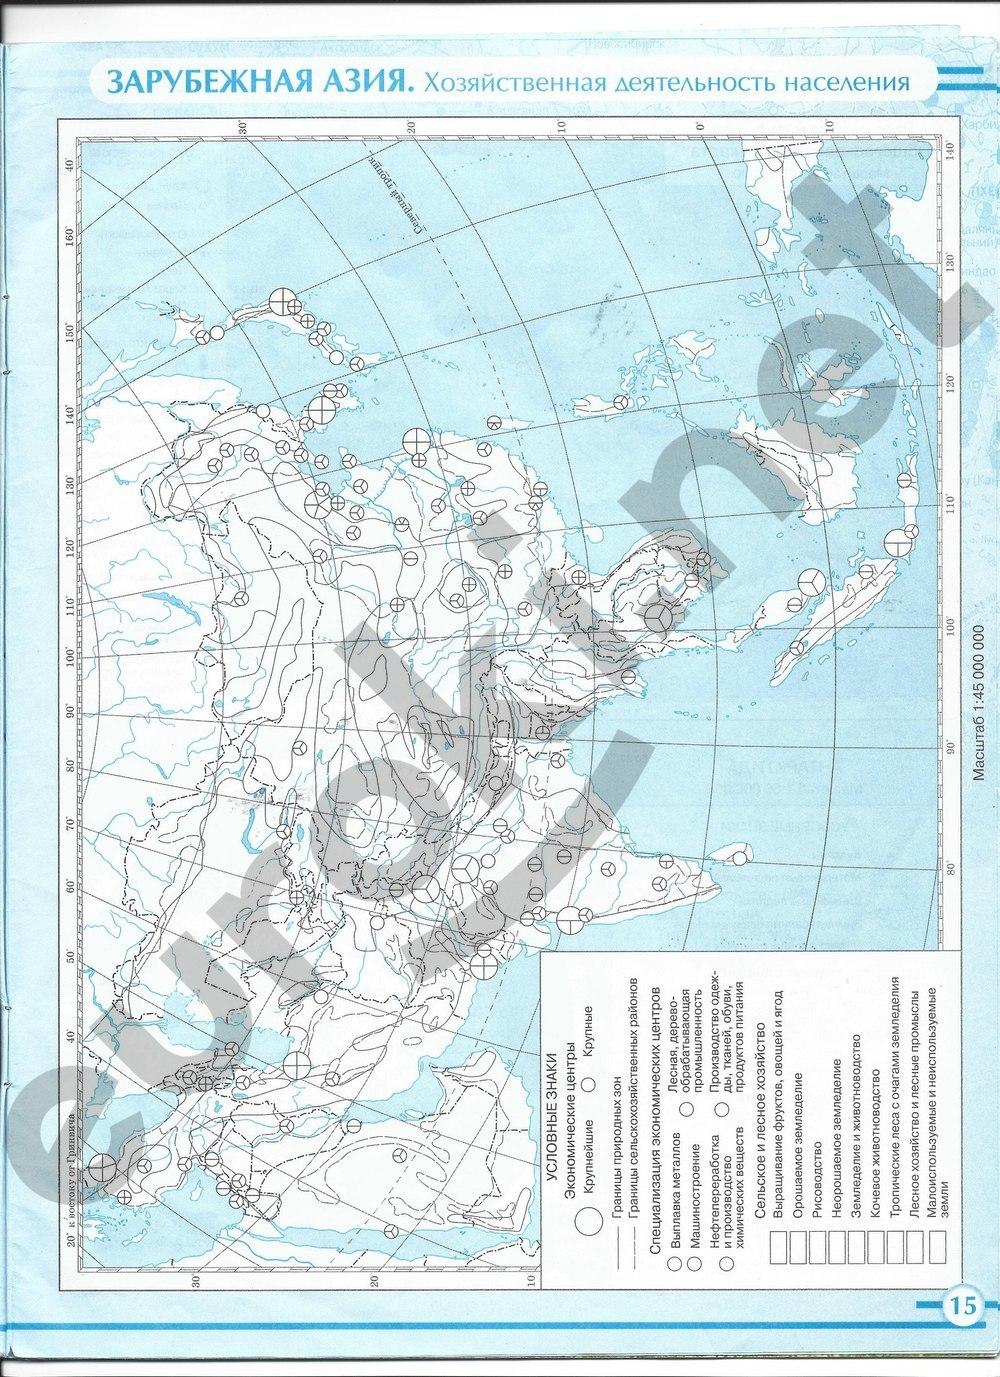 Гдз география 11 класс контурные карты приваловский